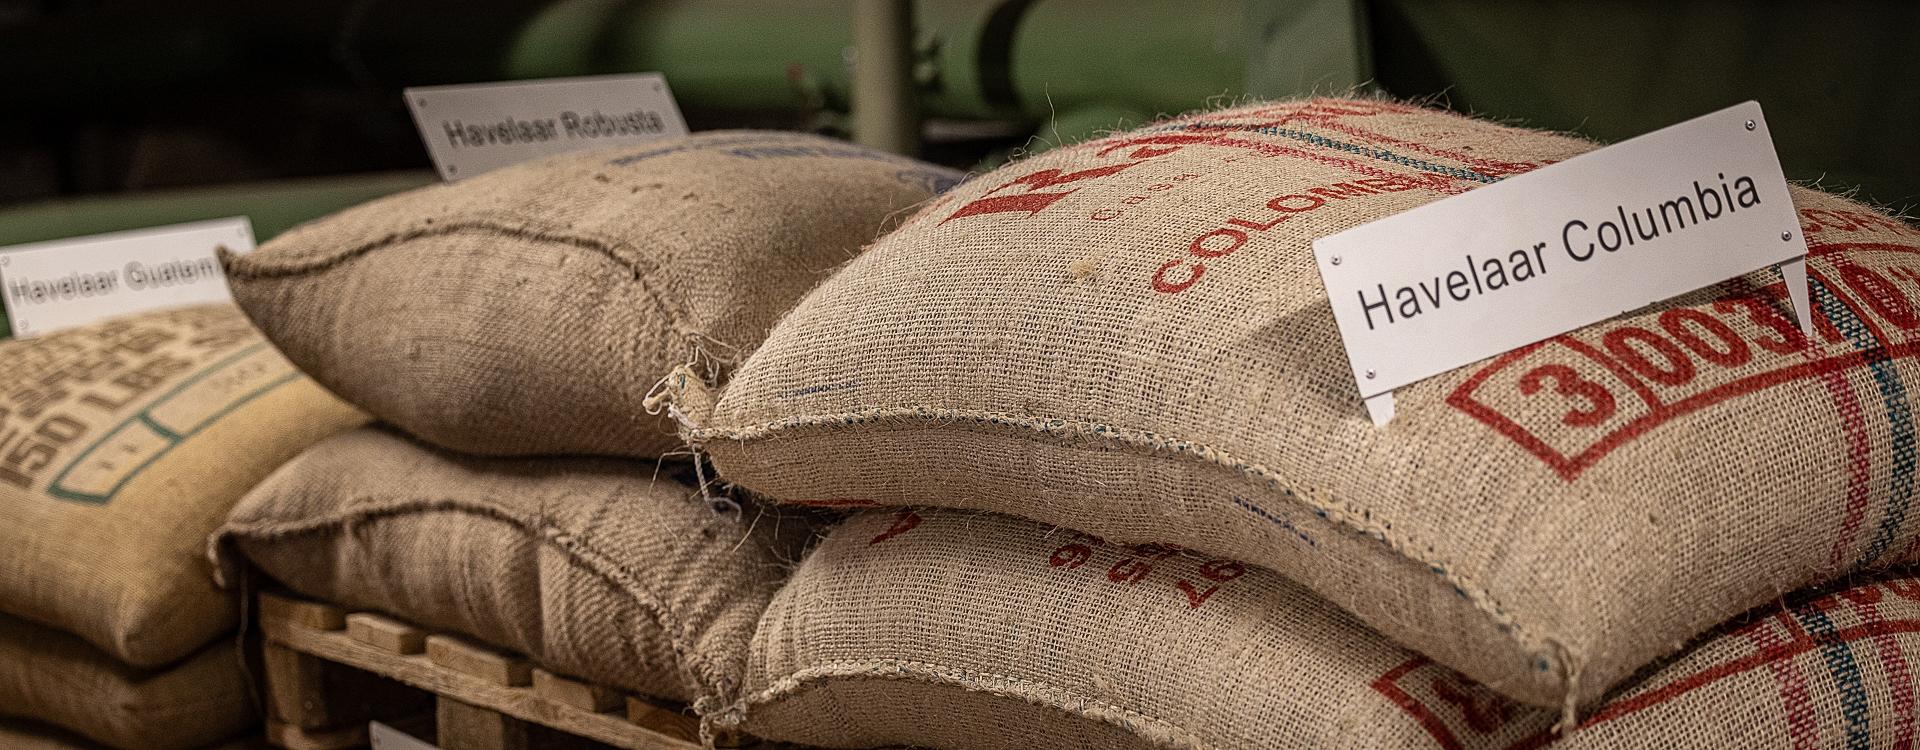 Illycafé Kaffee mit höchster Qualität.